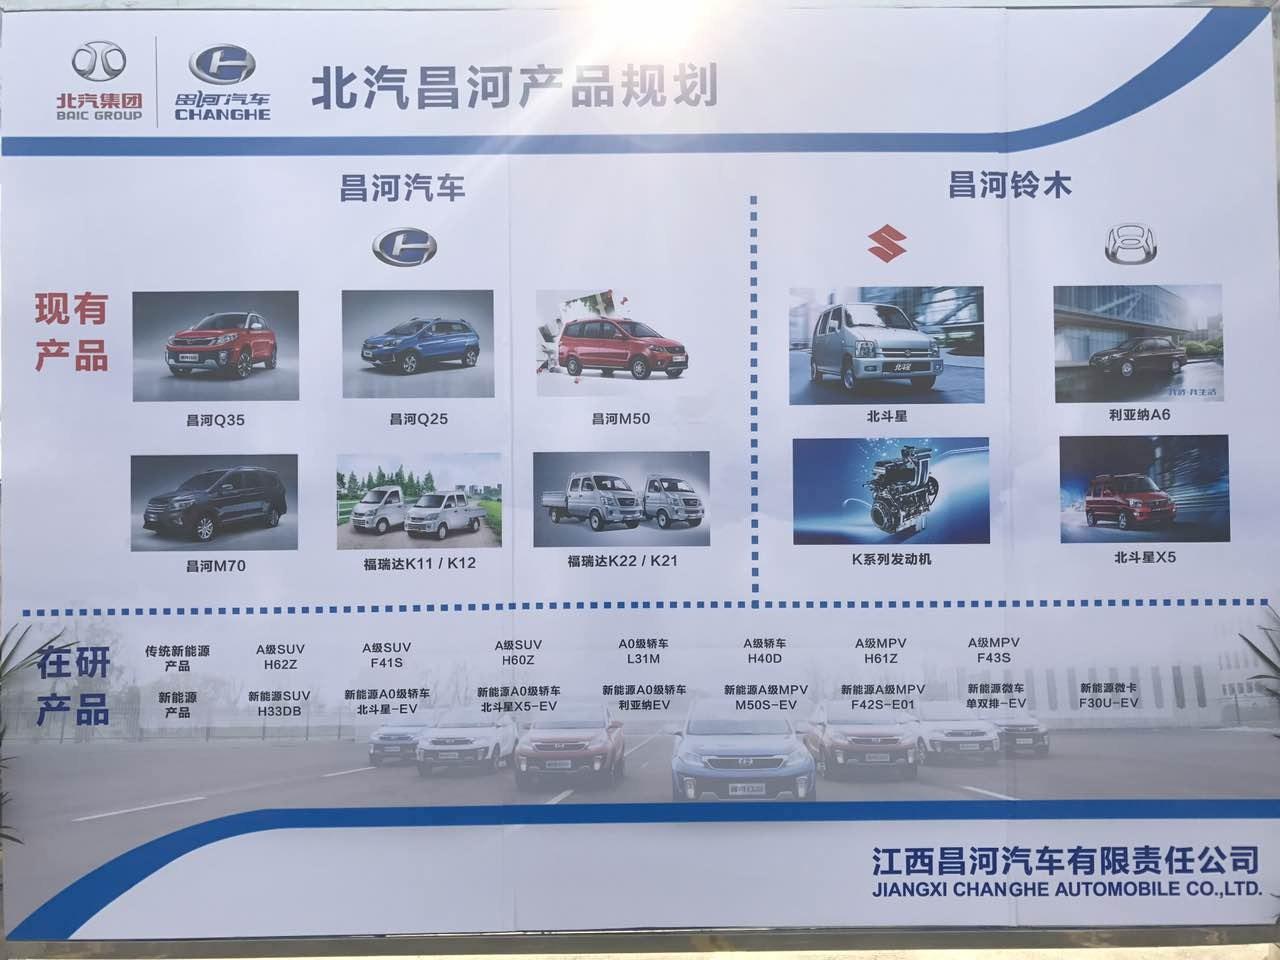 北汽昌河新产品规划 涉多款新能源车型